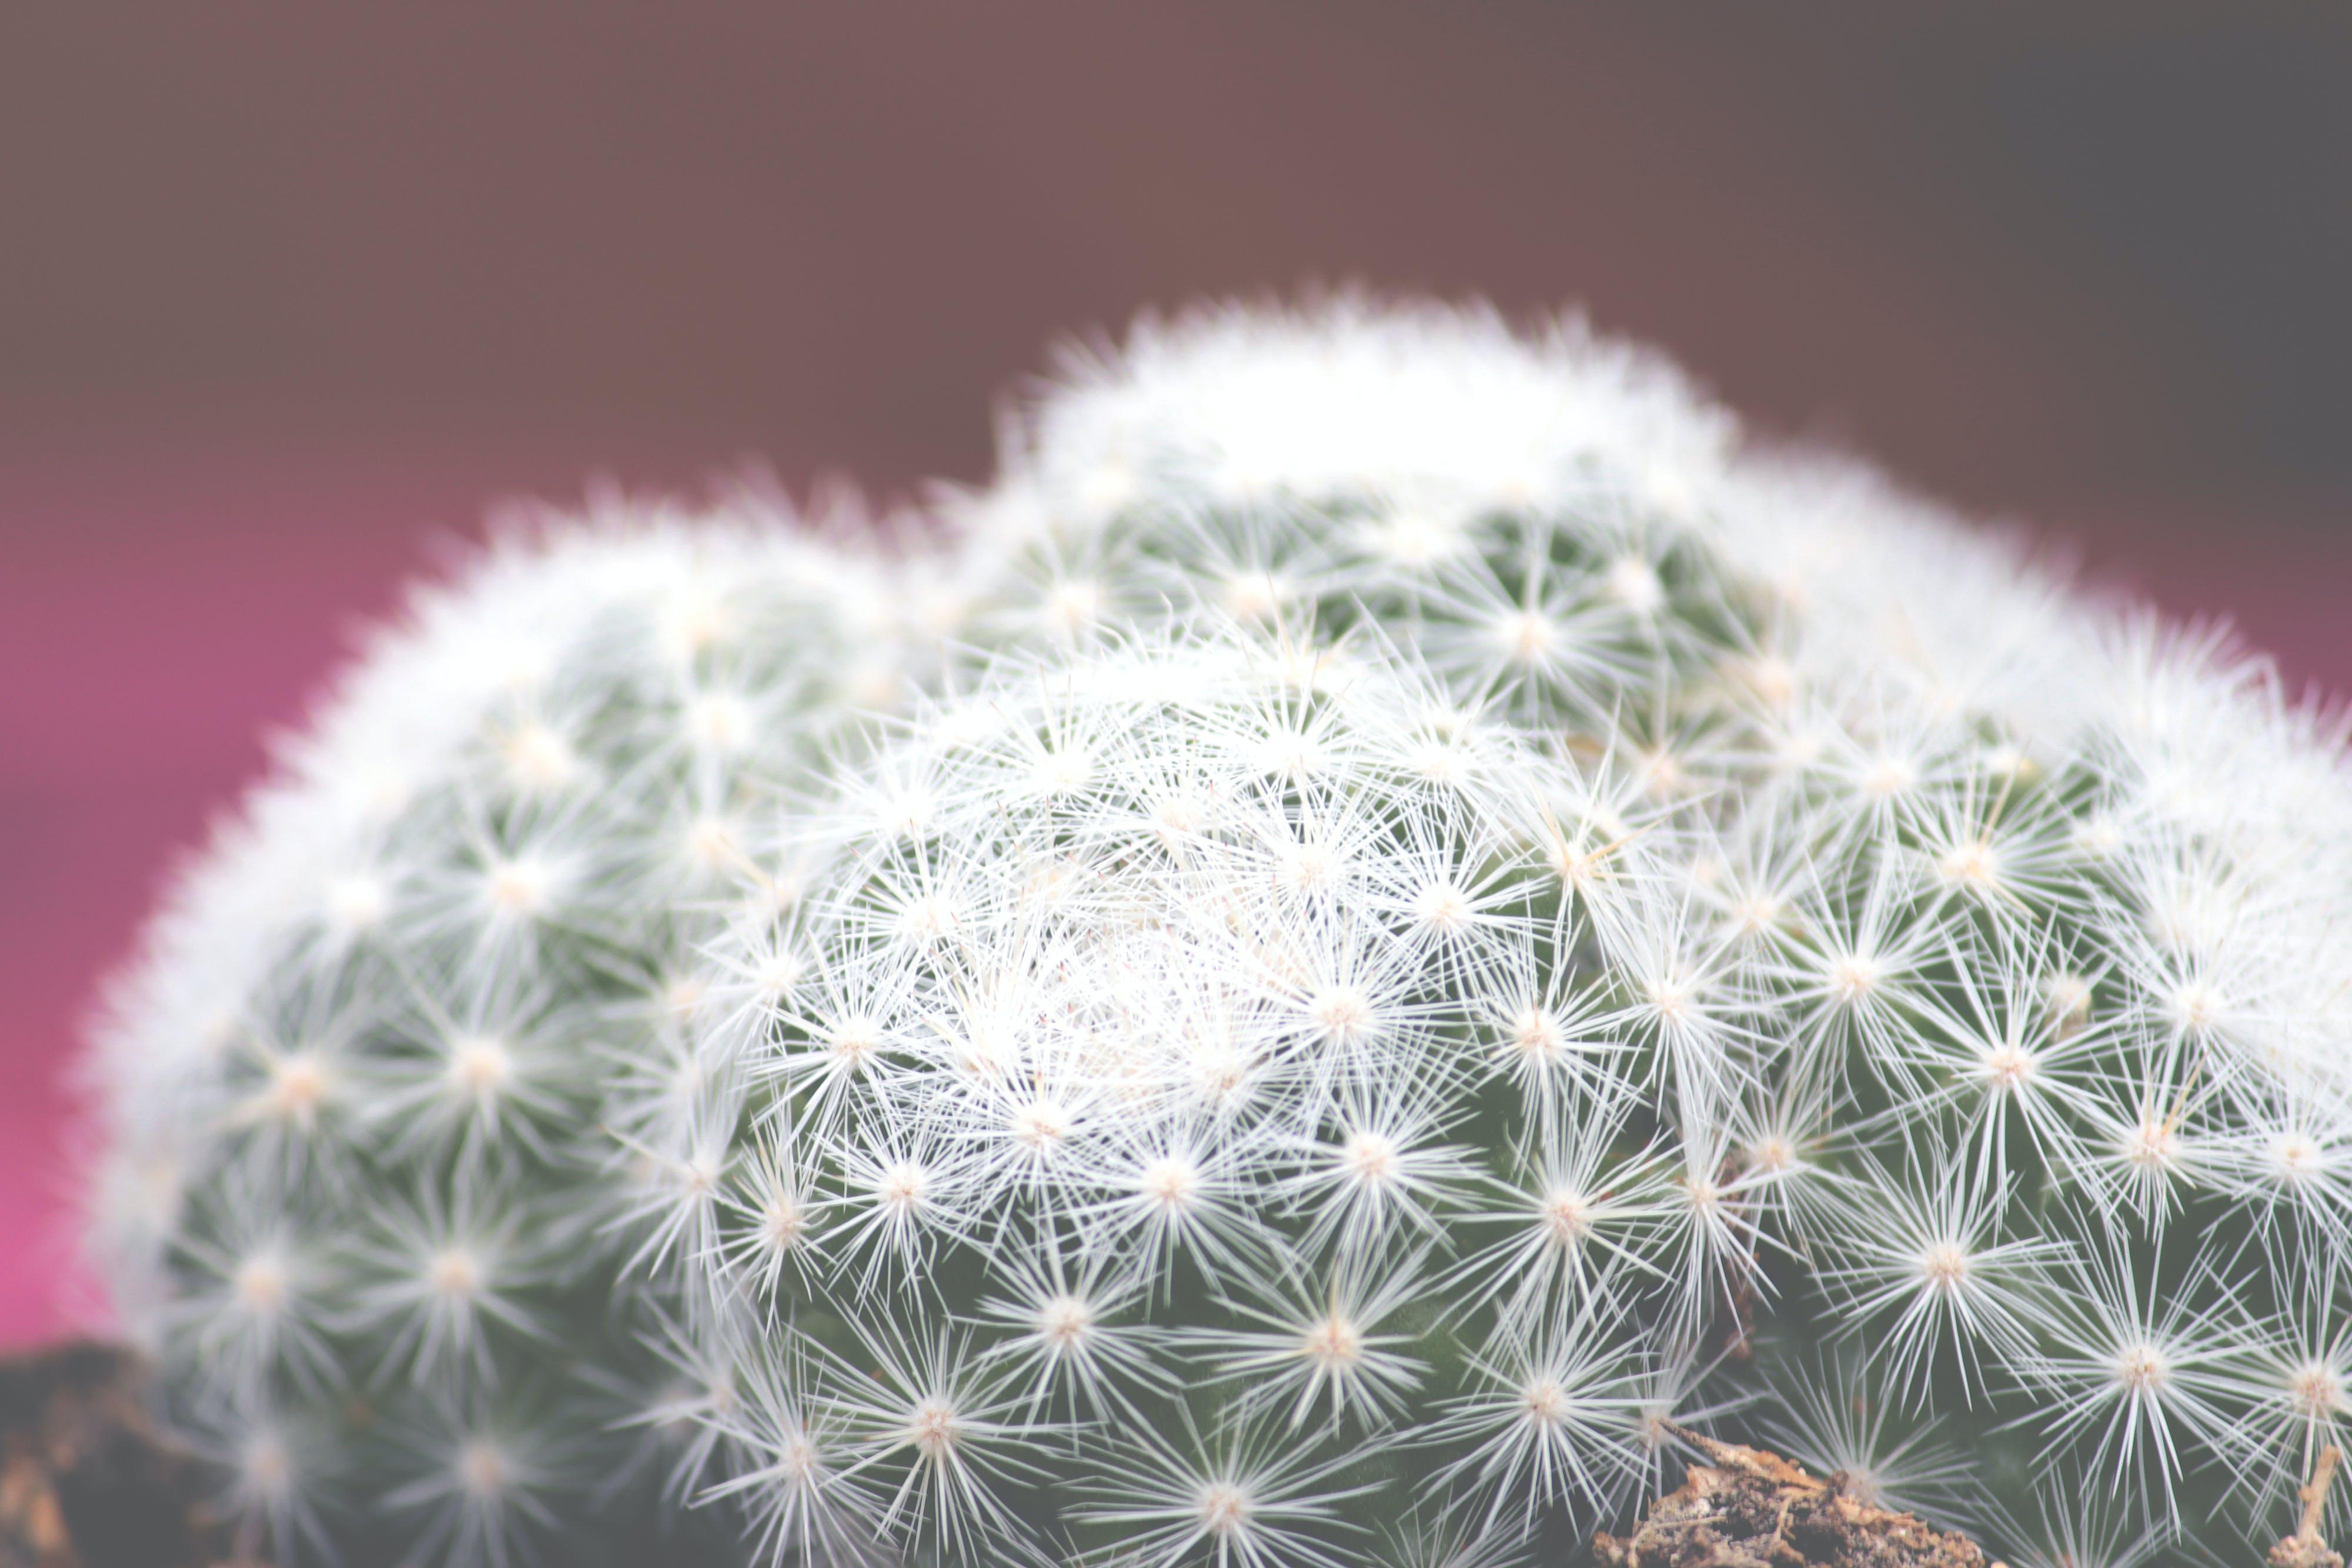 Free stock photo of cactus, cactus flower, cactus plant, cactuses